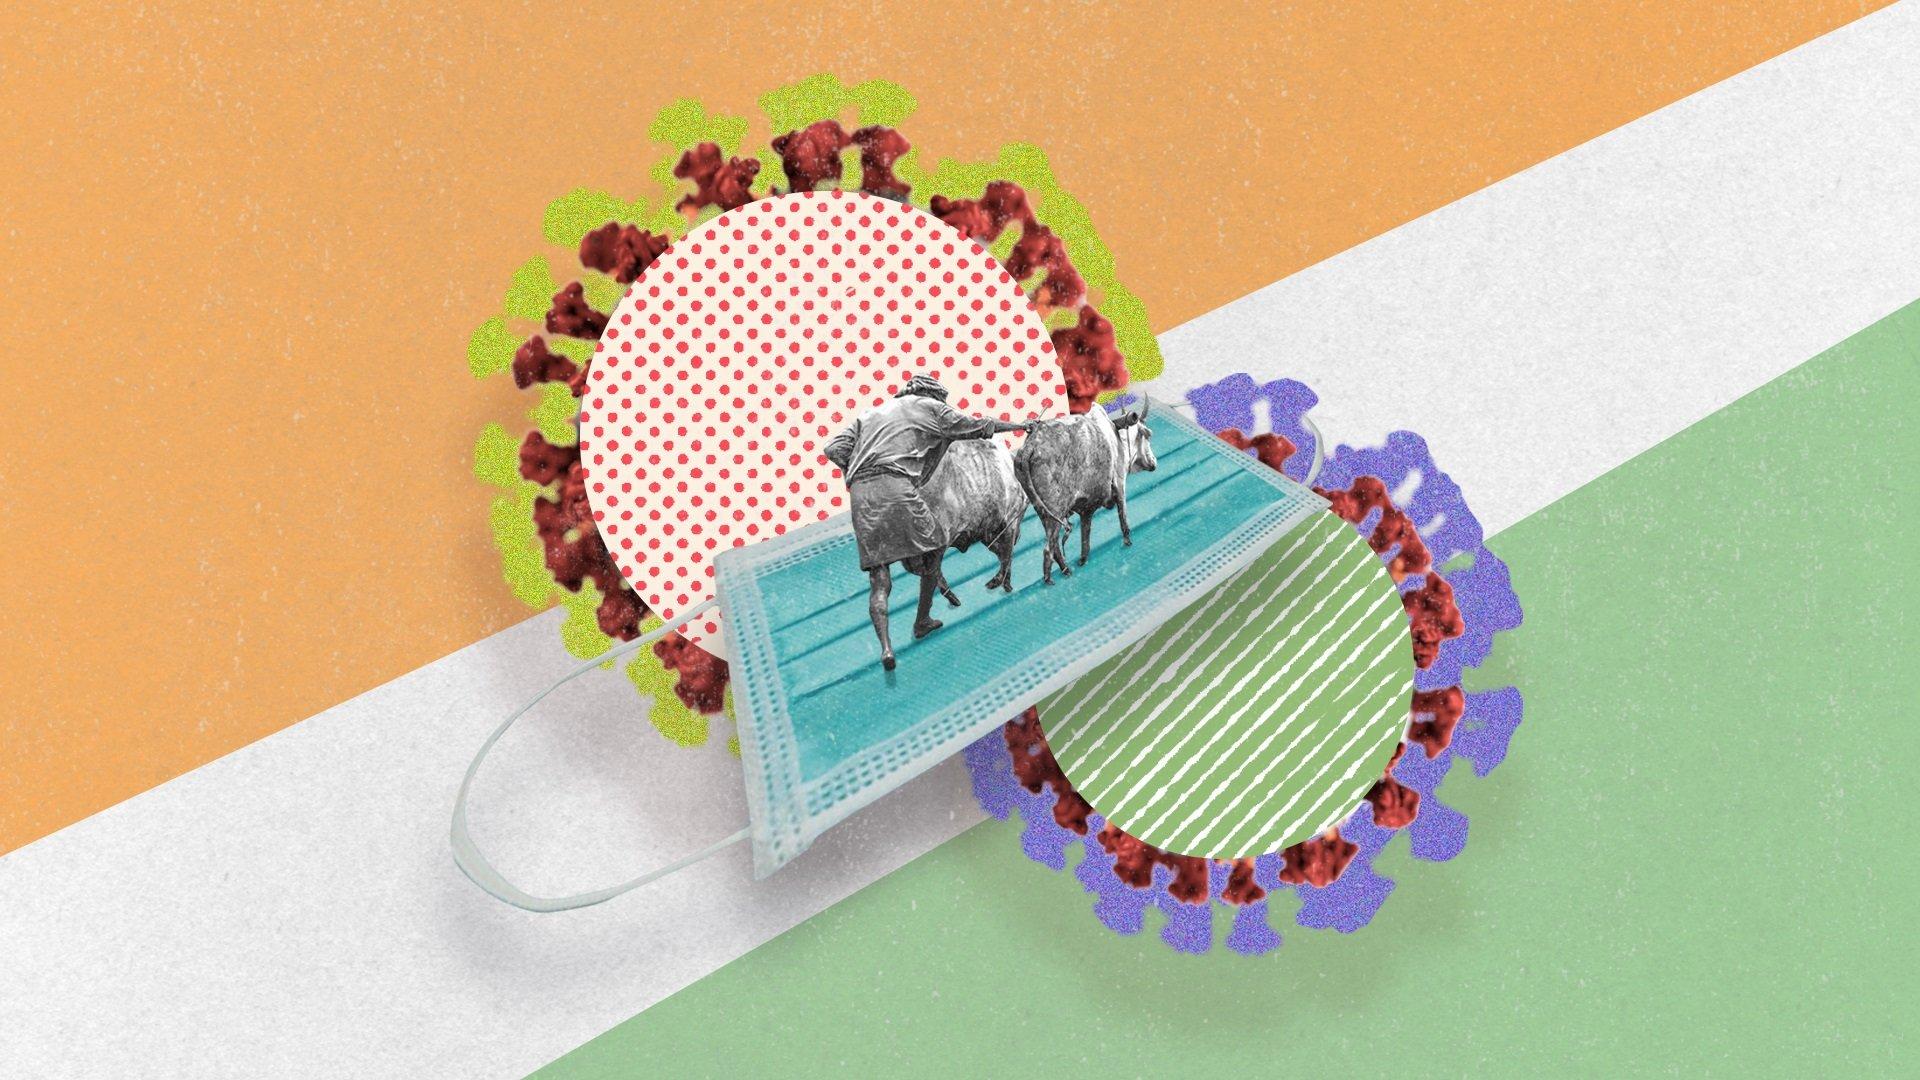 Collage de un granjero con su ganado, sobre el fondo de los colores de la bandera de la India.